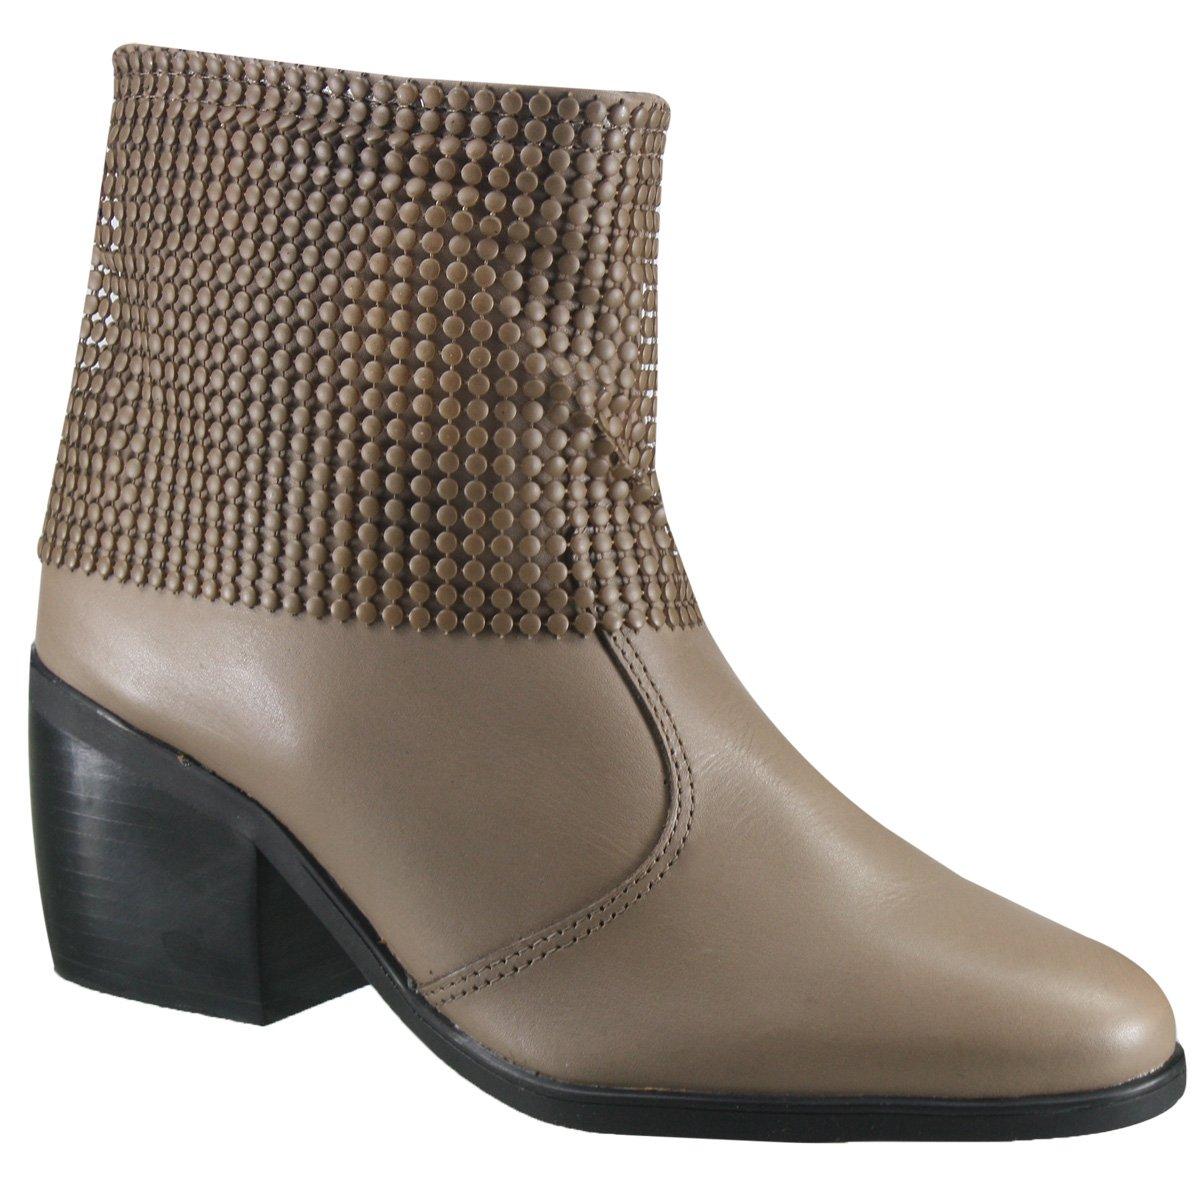 32d964f13 Bota Ankle Boot Cravo e Canela 144211-3 - Fendi (Vegetal) - Calçados ...